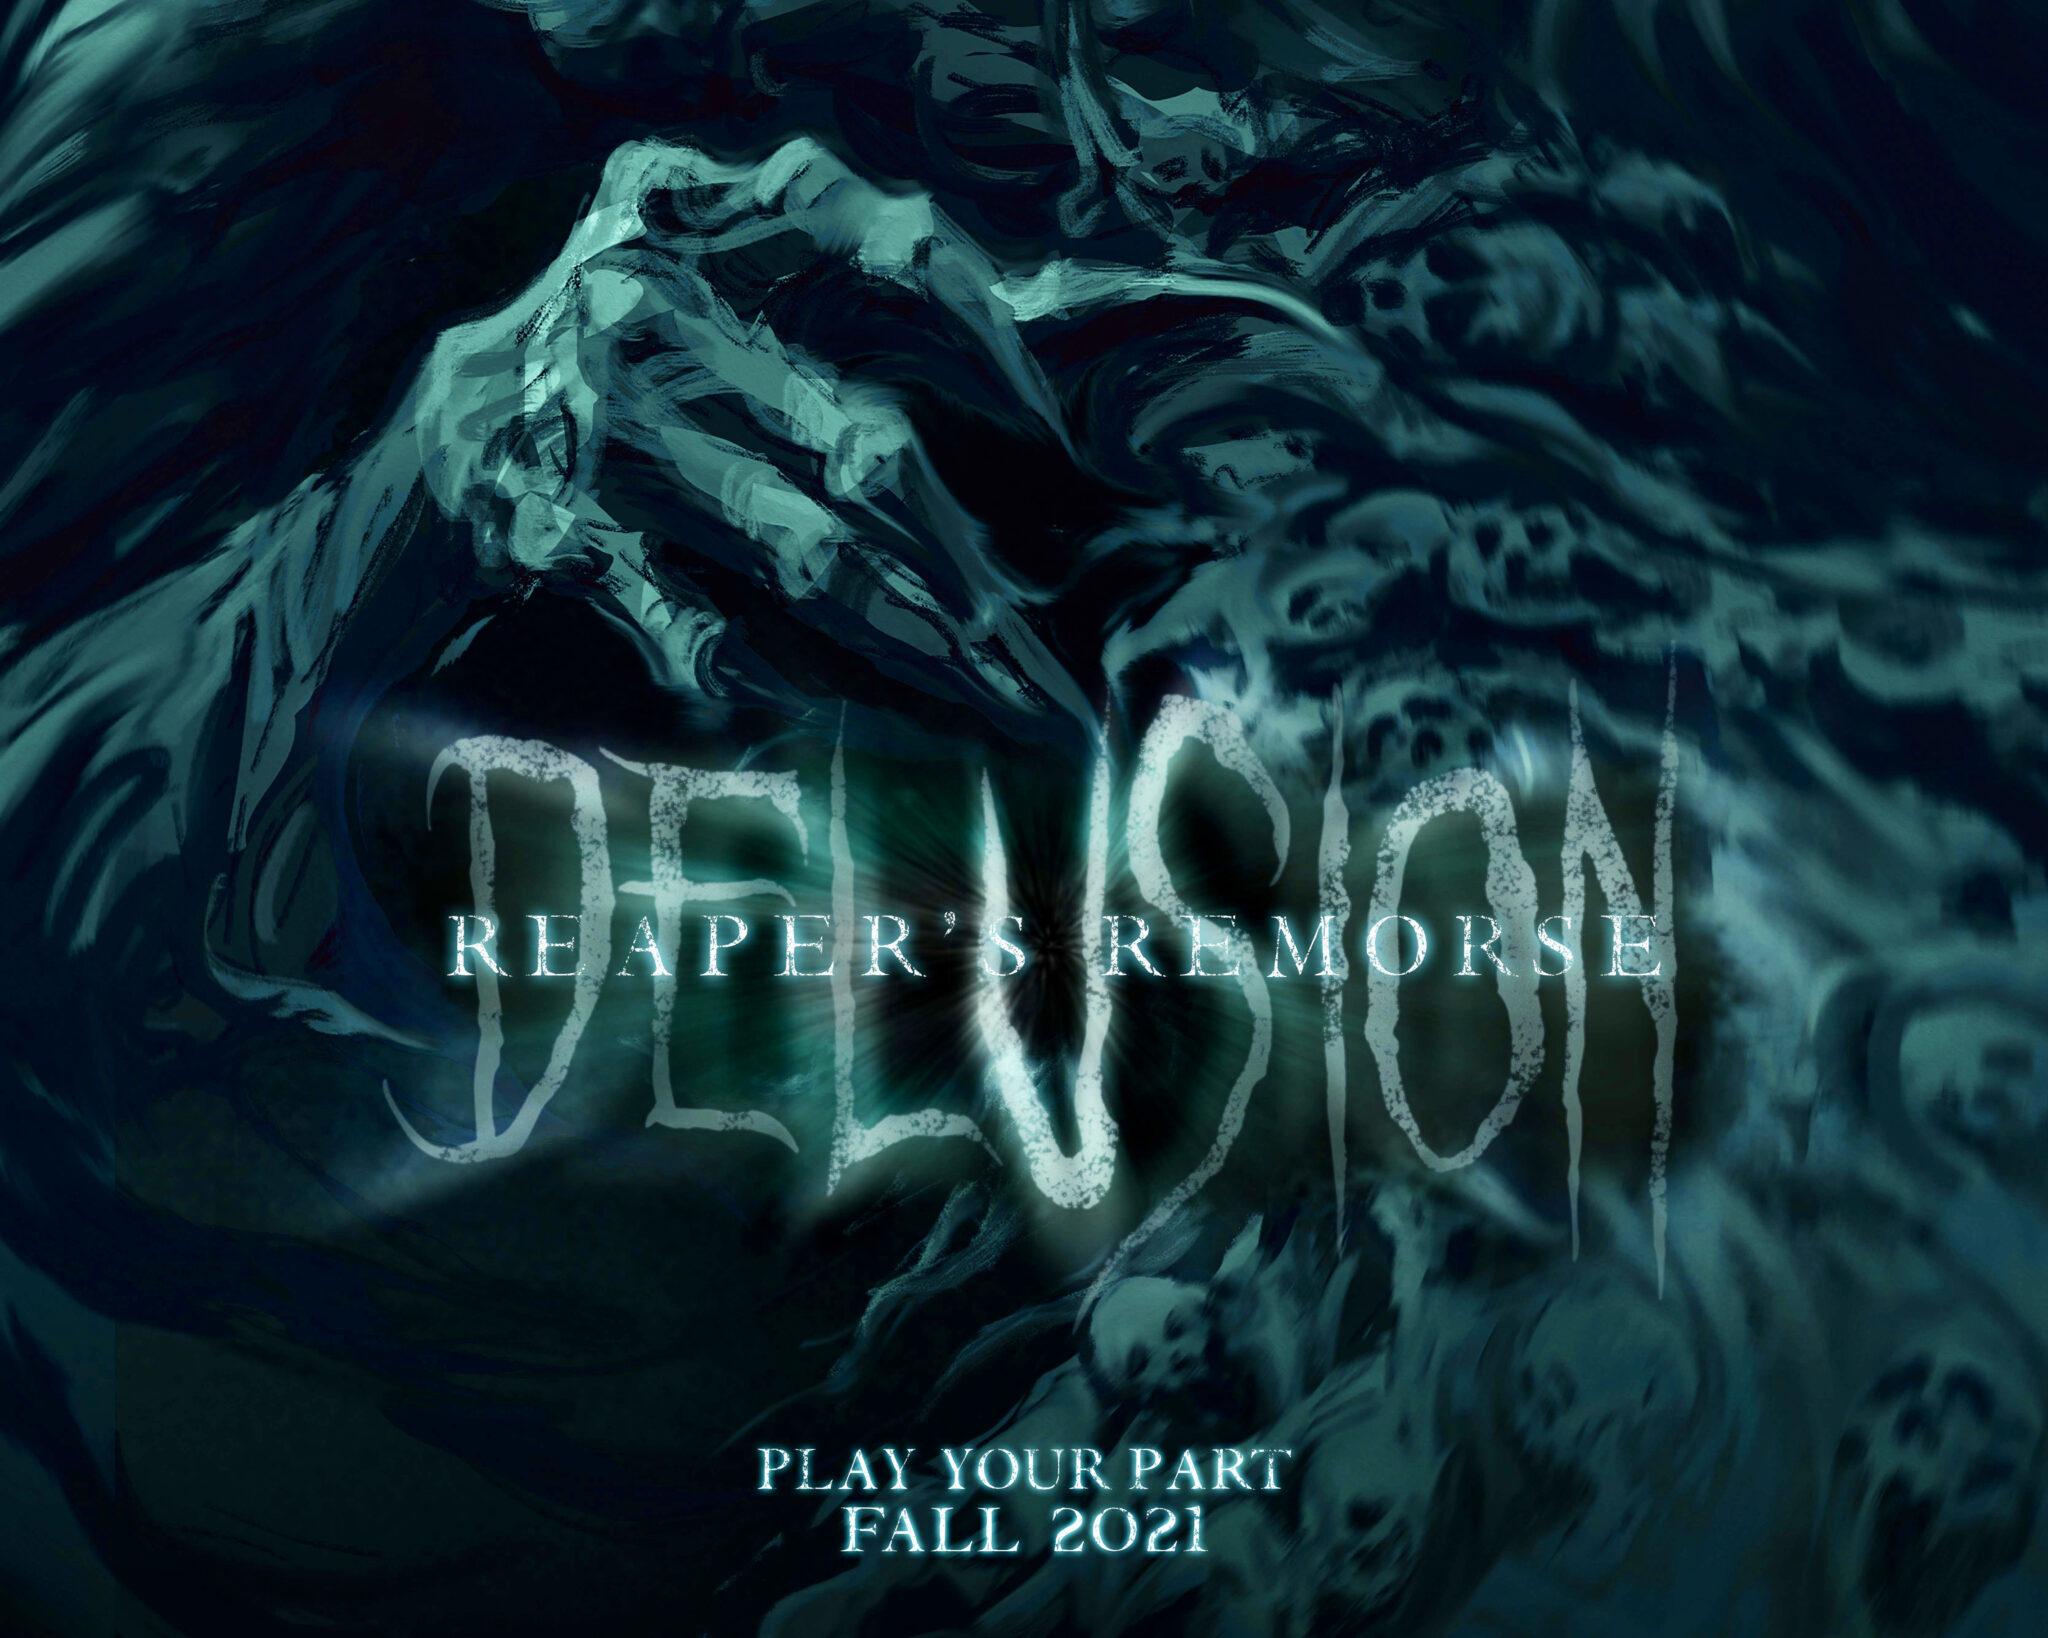 Delusion - Reaper's Remorse